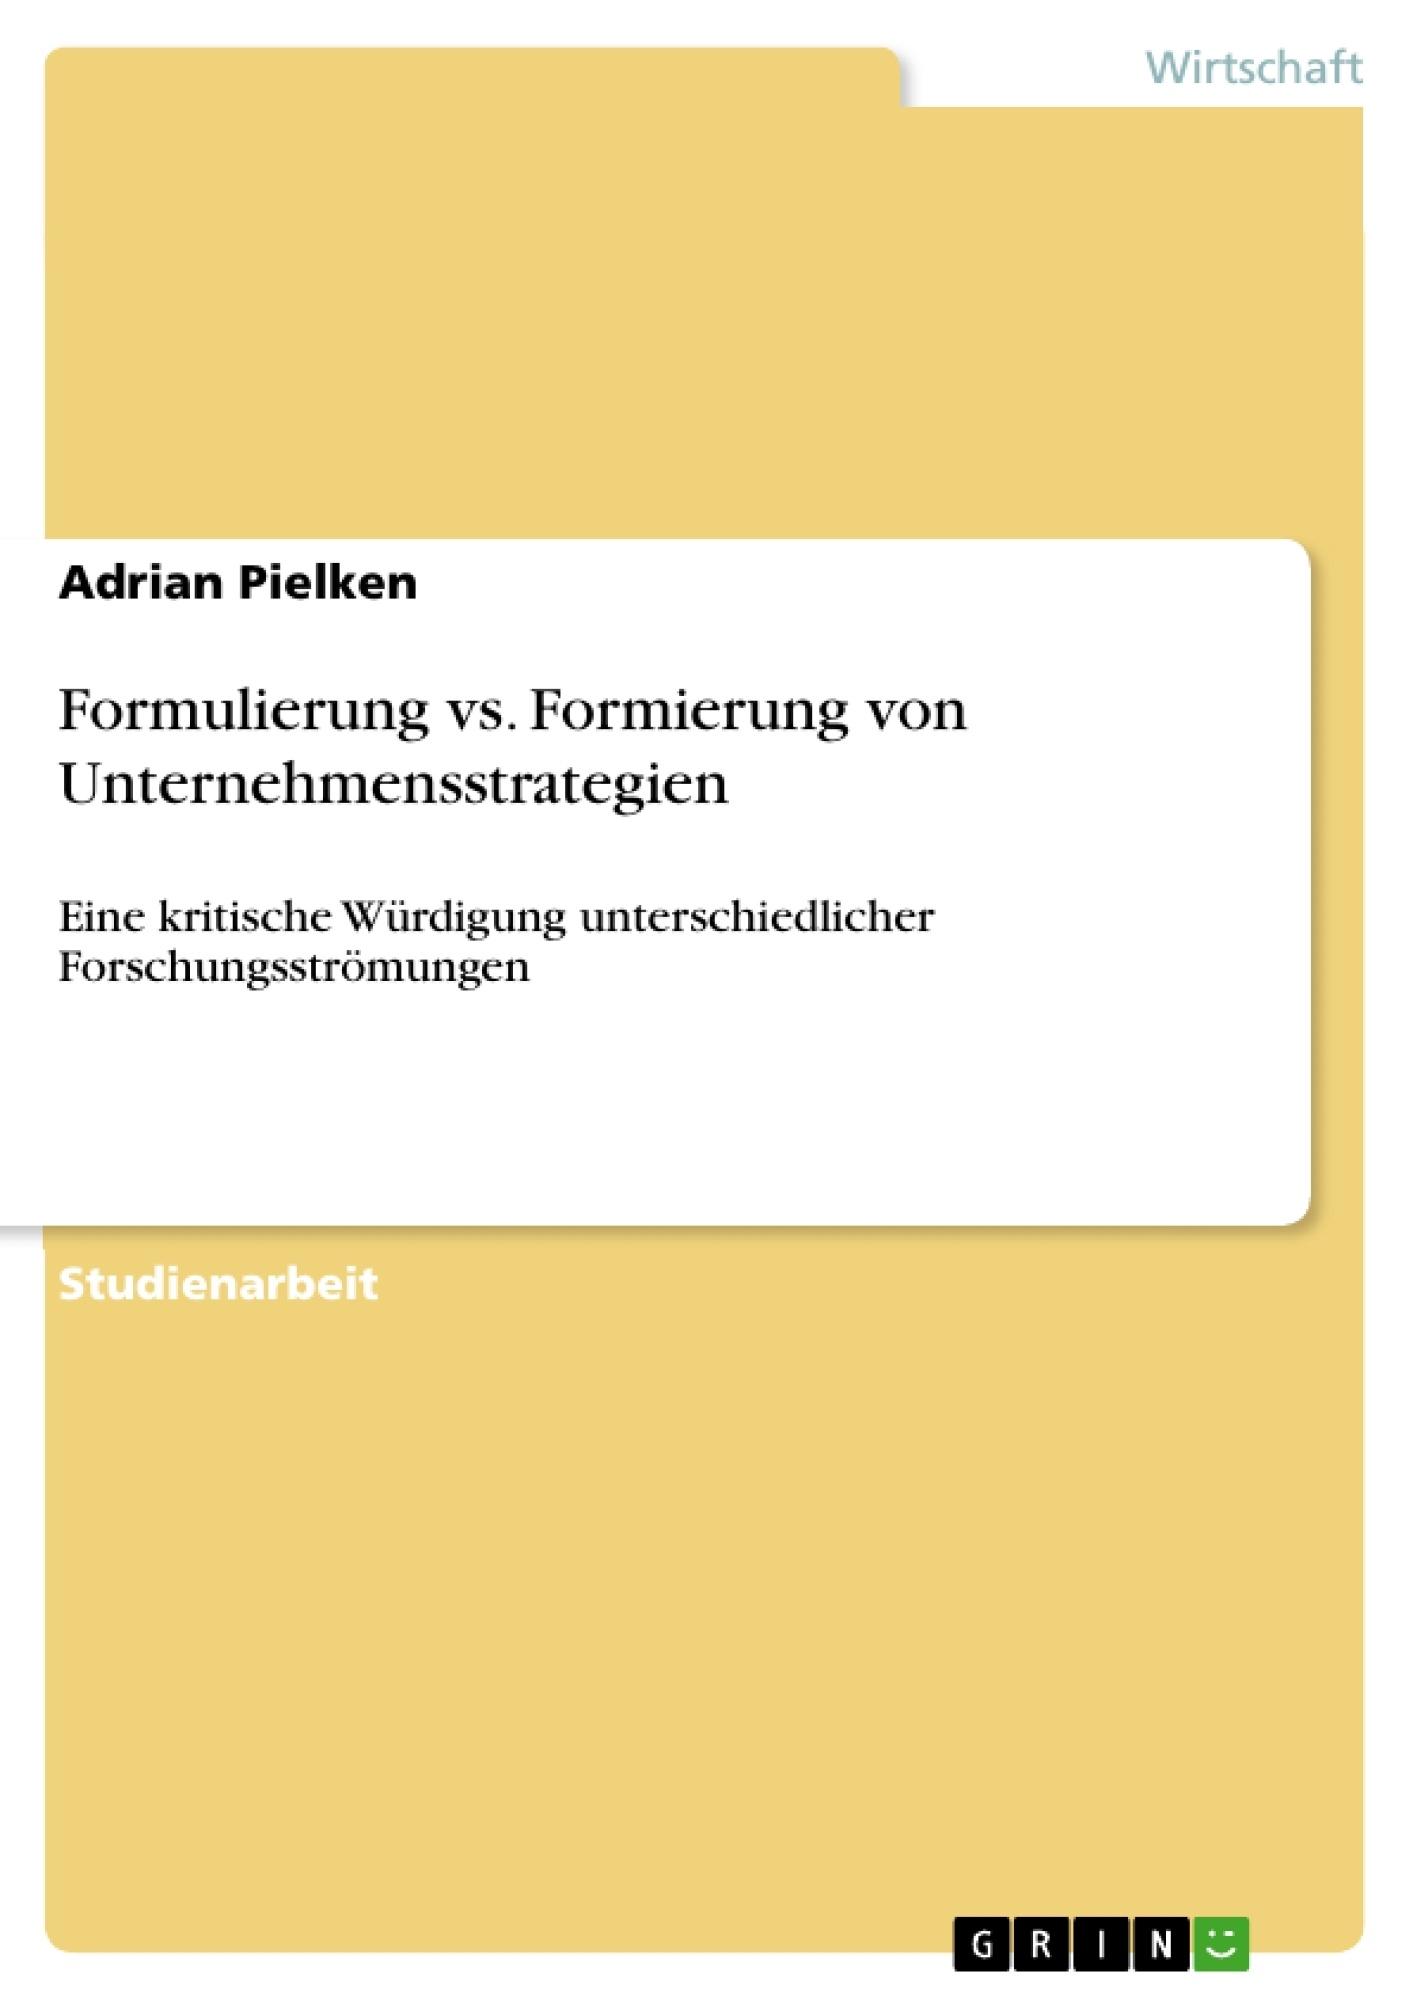 Titel: Formulierung vs. Formierung von Unternehmensstrategien